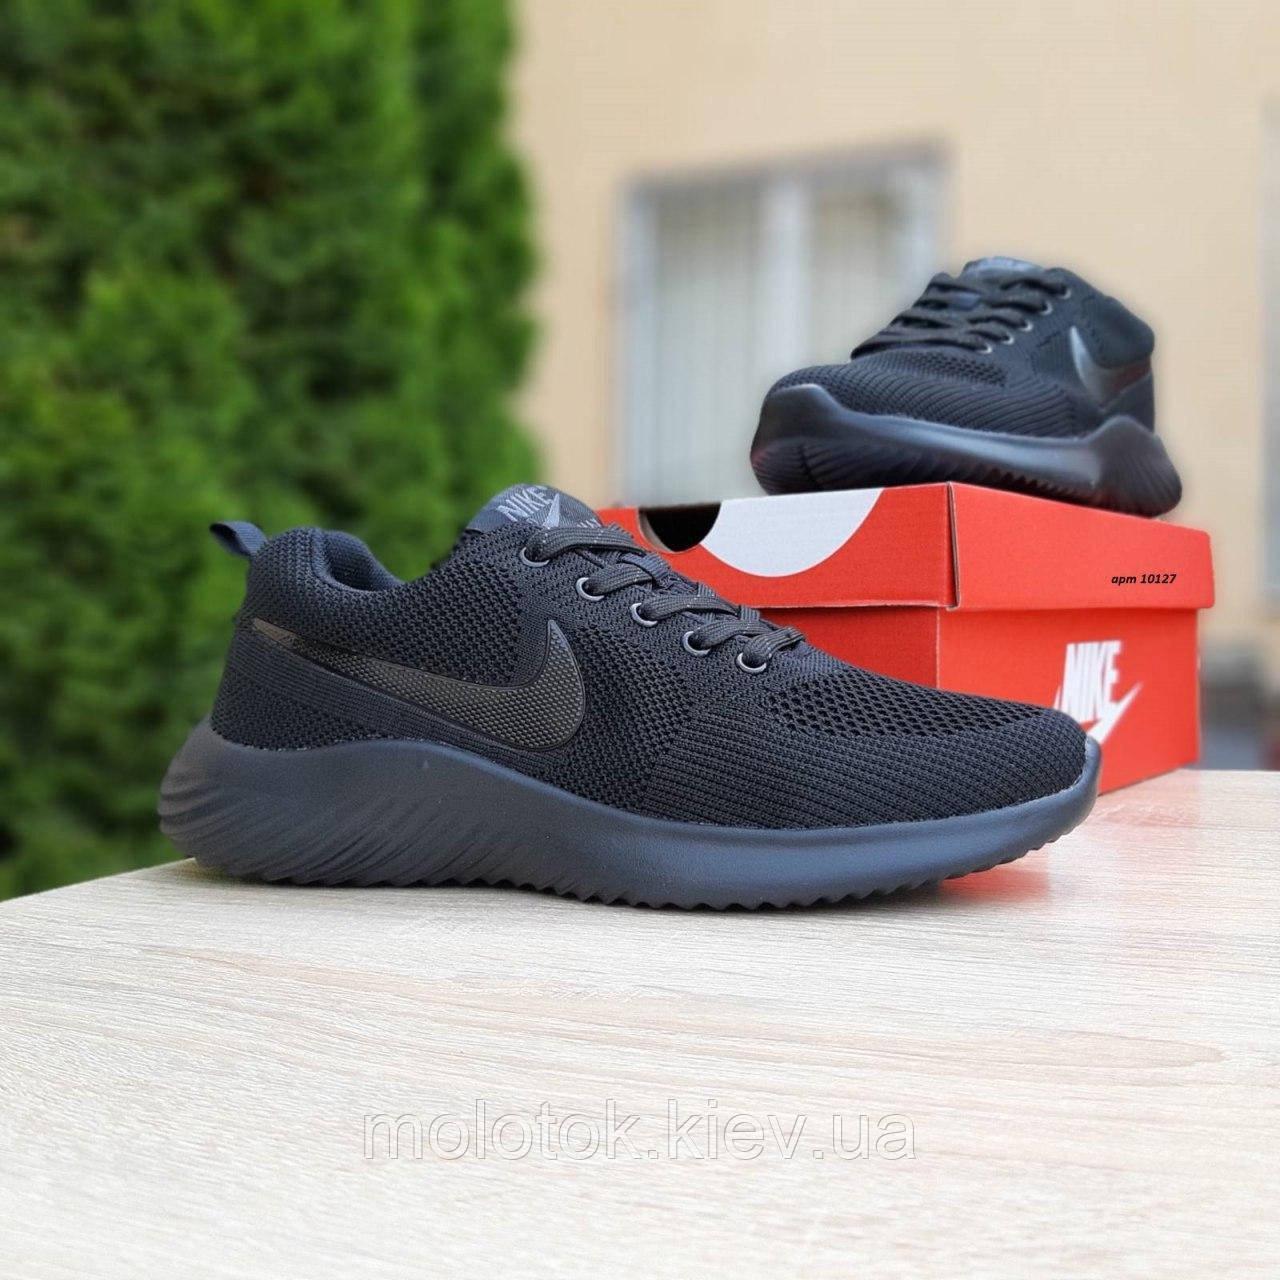 Мужские кроссовки в стиле Nike Air max чёрные